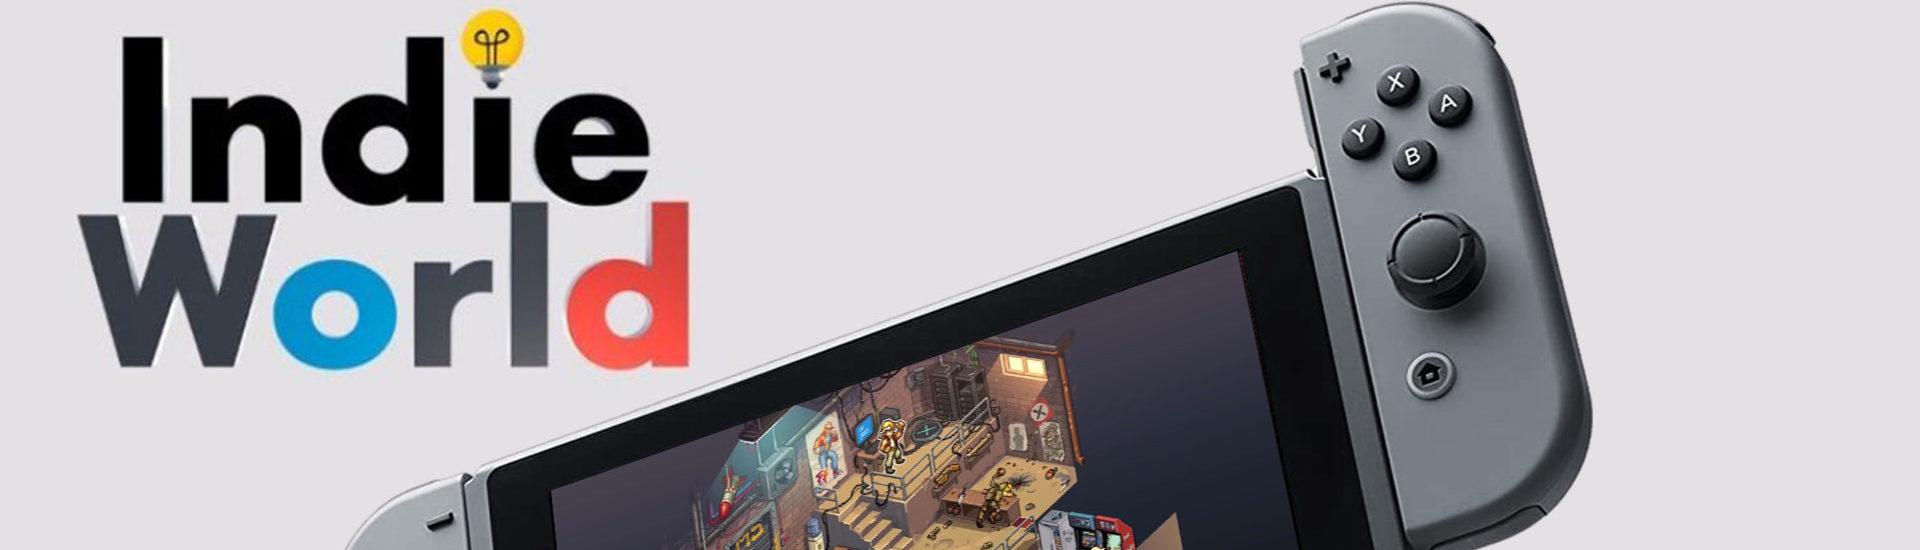 Nintendo Indie World – alle neuen Ankündigungen im Überblick